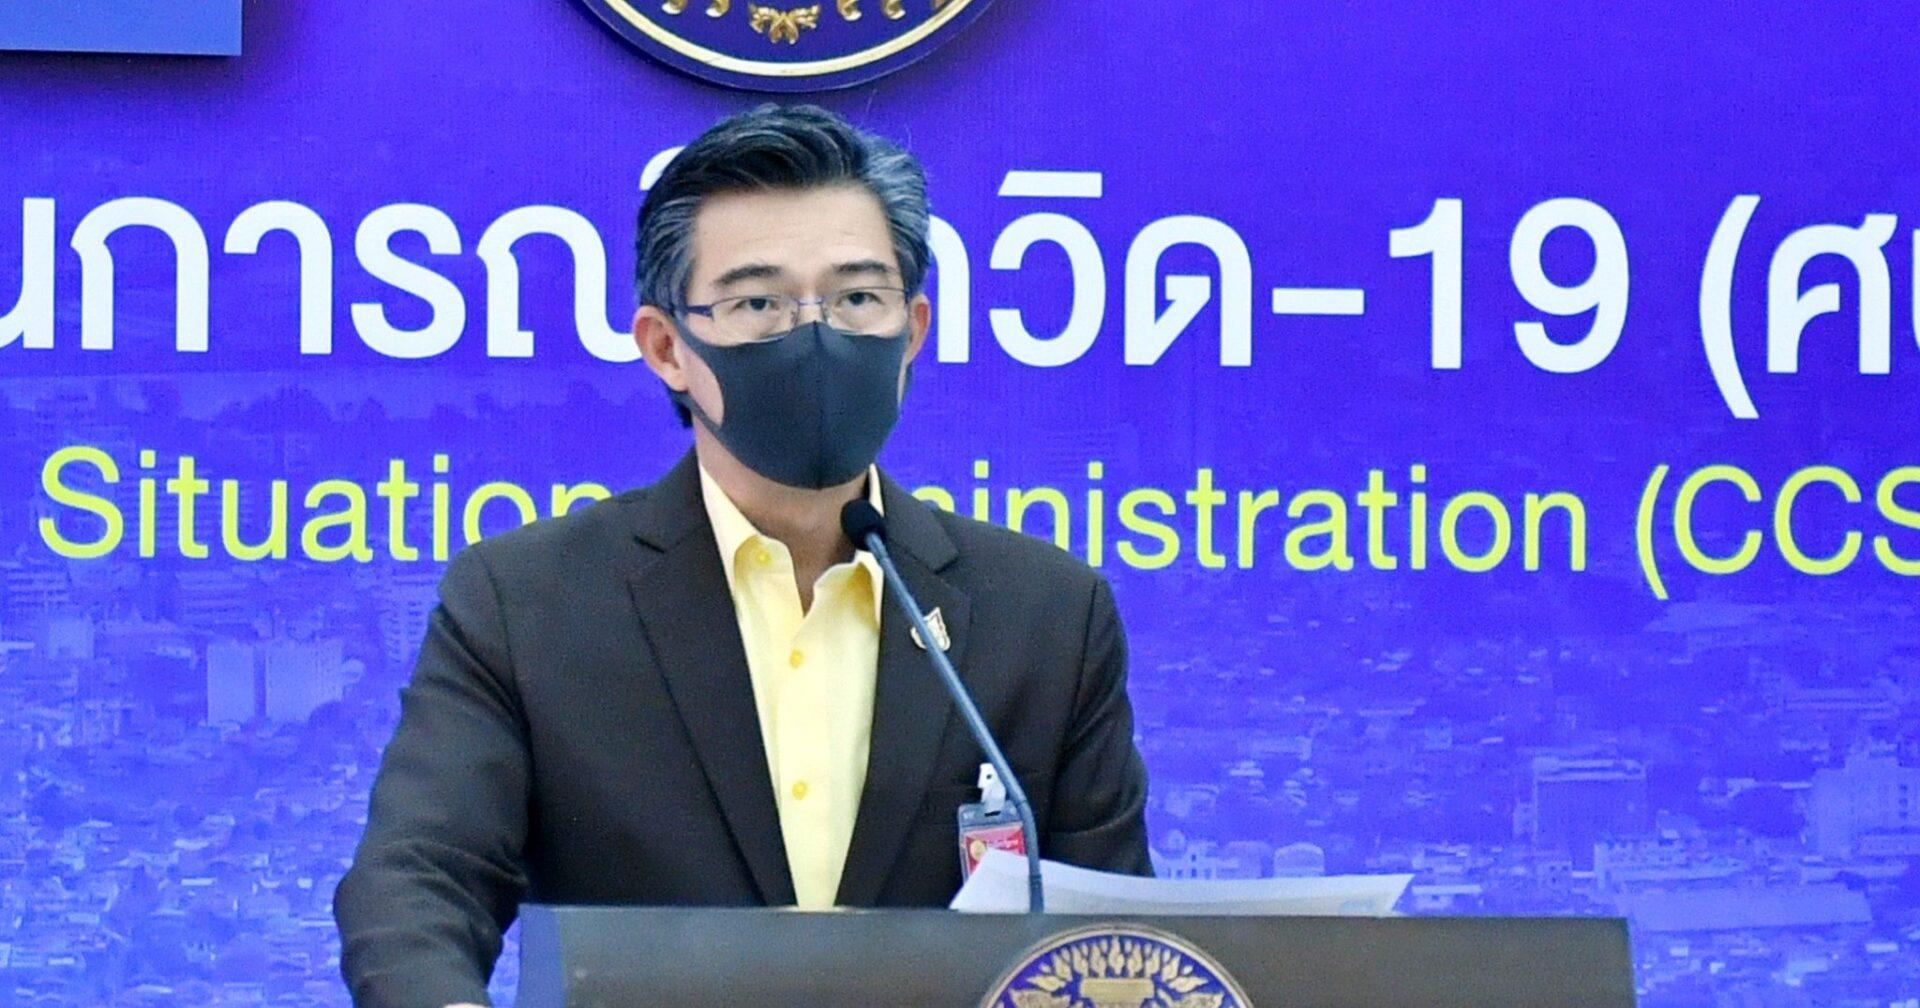 ผอ.ศบค.ขอลดขั้นตอนยุ่งยากคนเข้าประเทศ - สำนักข่าวไทย อสมท